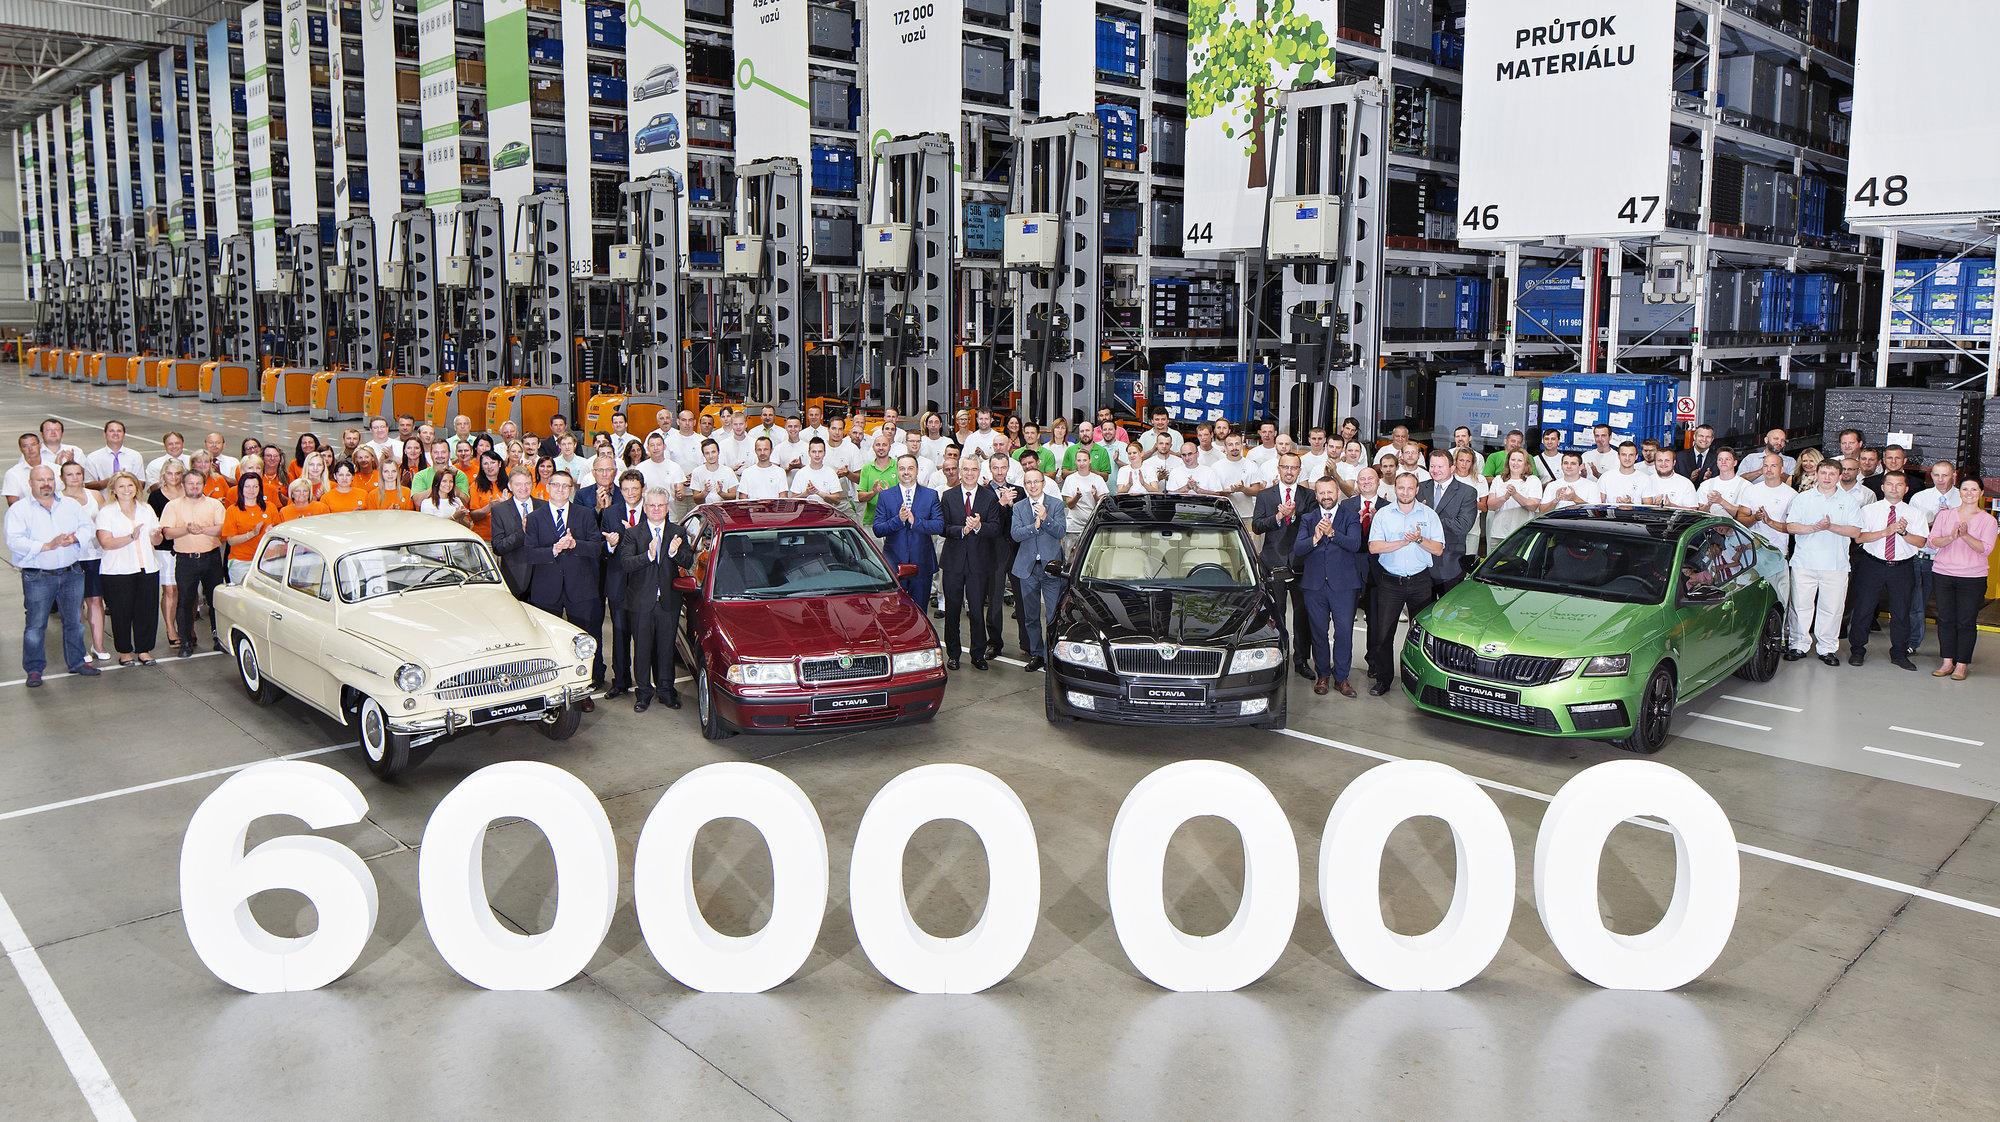 Dnes byla vyrobena šestimiliontá Škoda Octavia